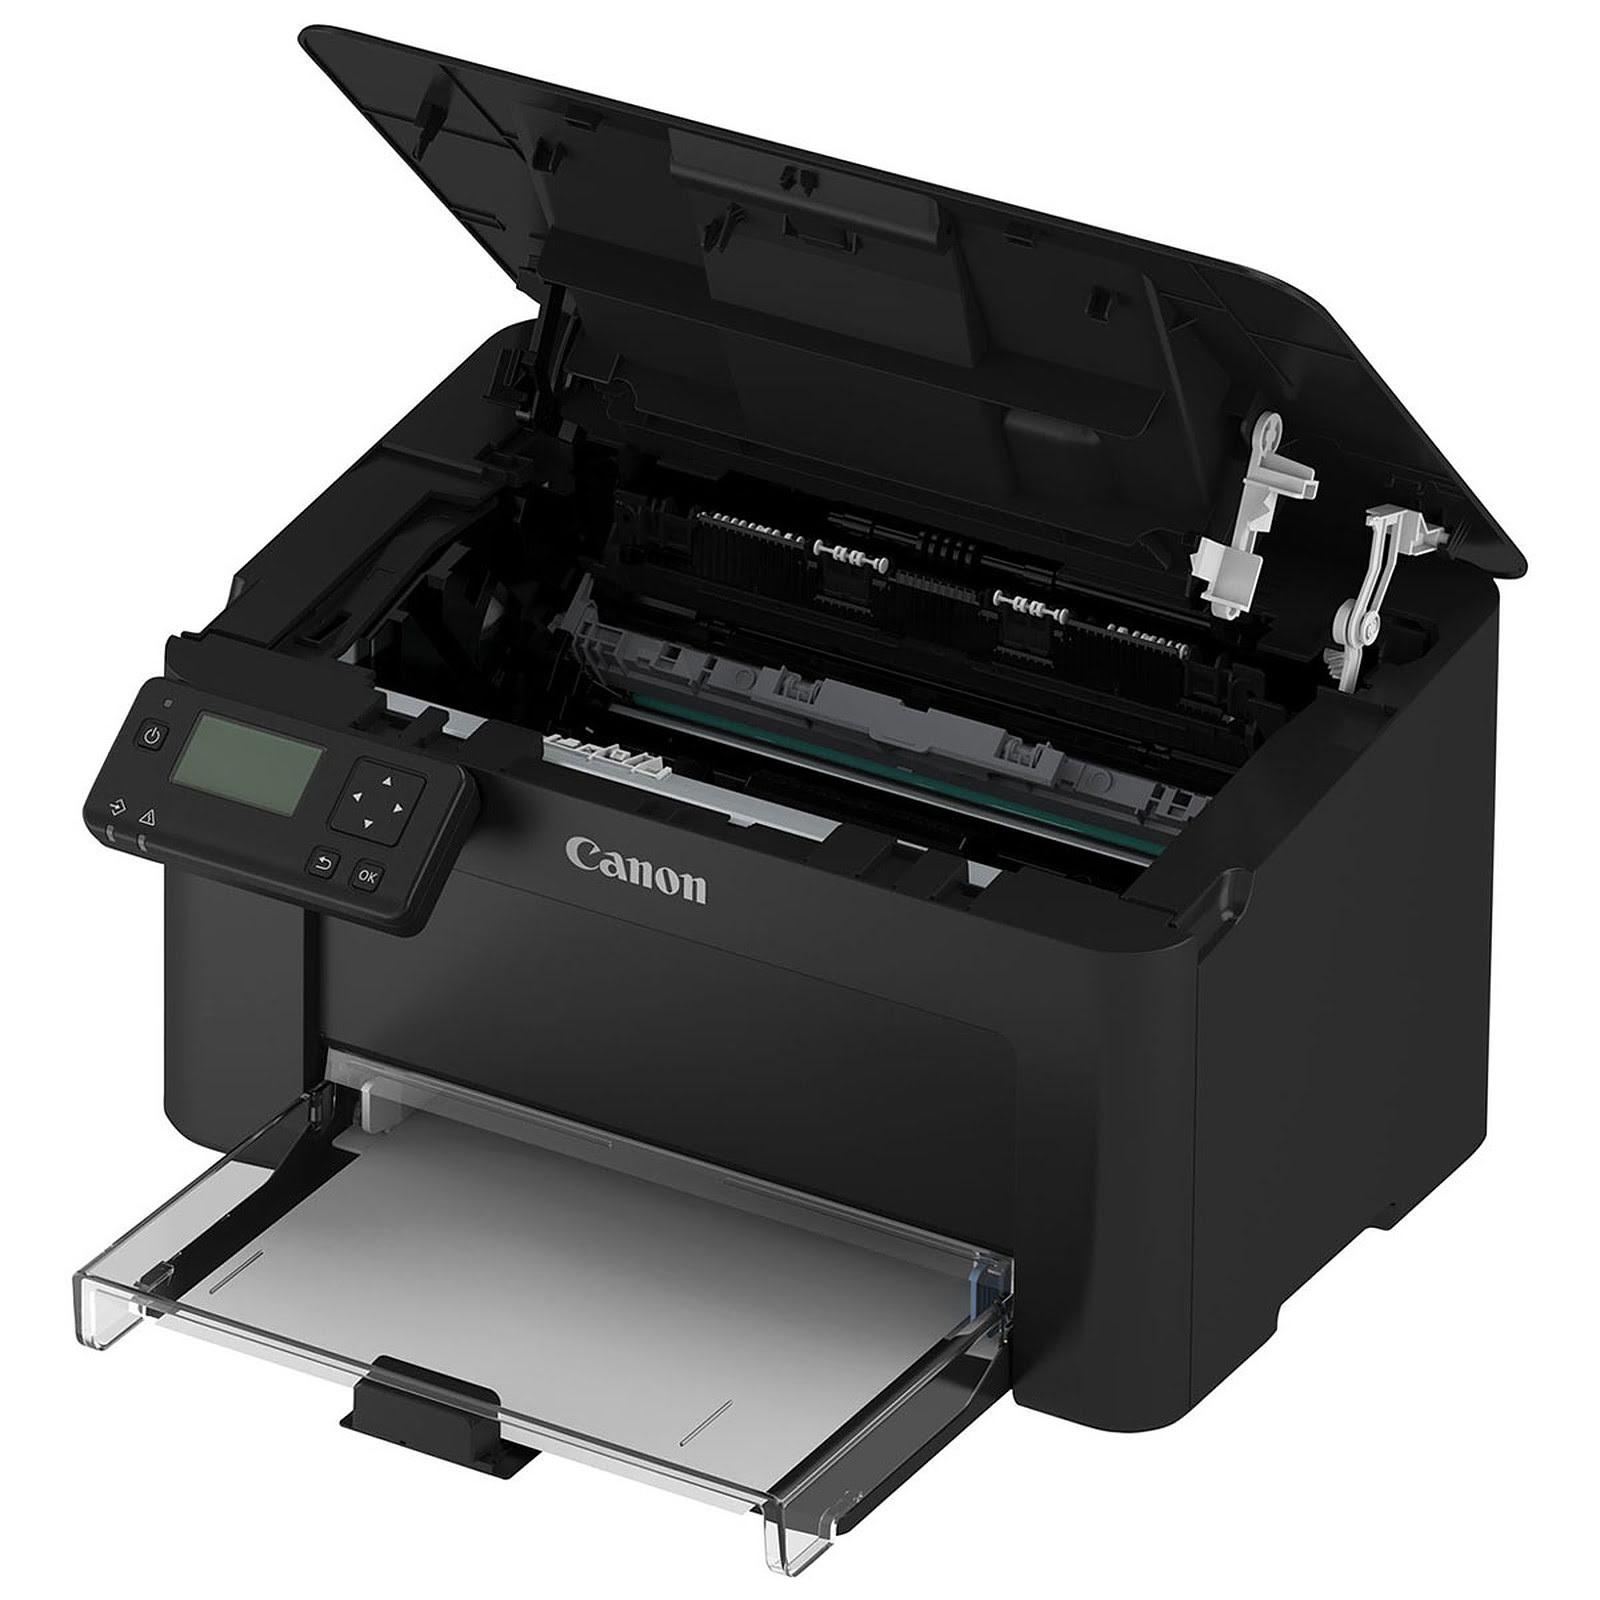 I-SENSYS LBP113W (2207C001) - Achat / Vente Imprimante sur Picata.fr - 2